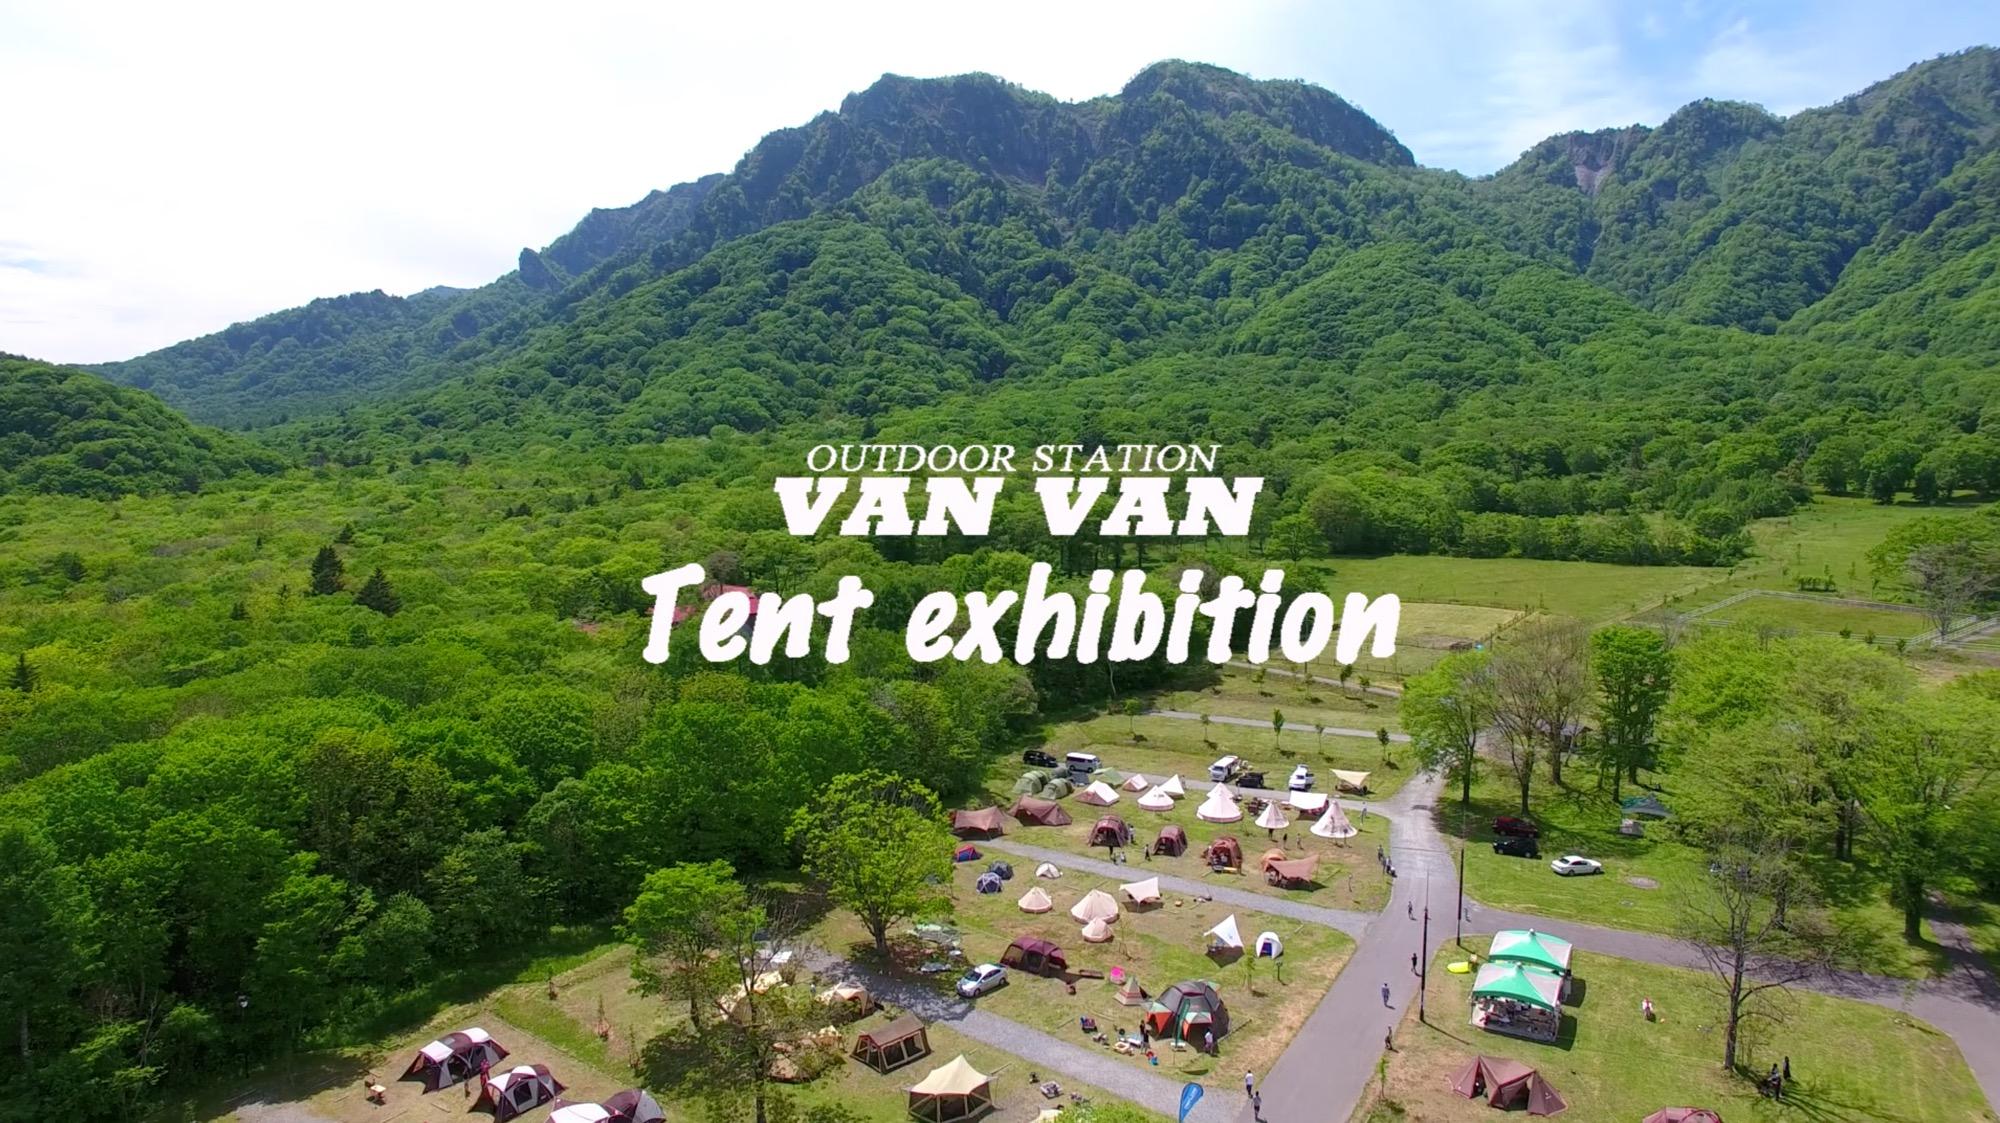 goat-tent-exhibition